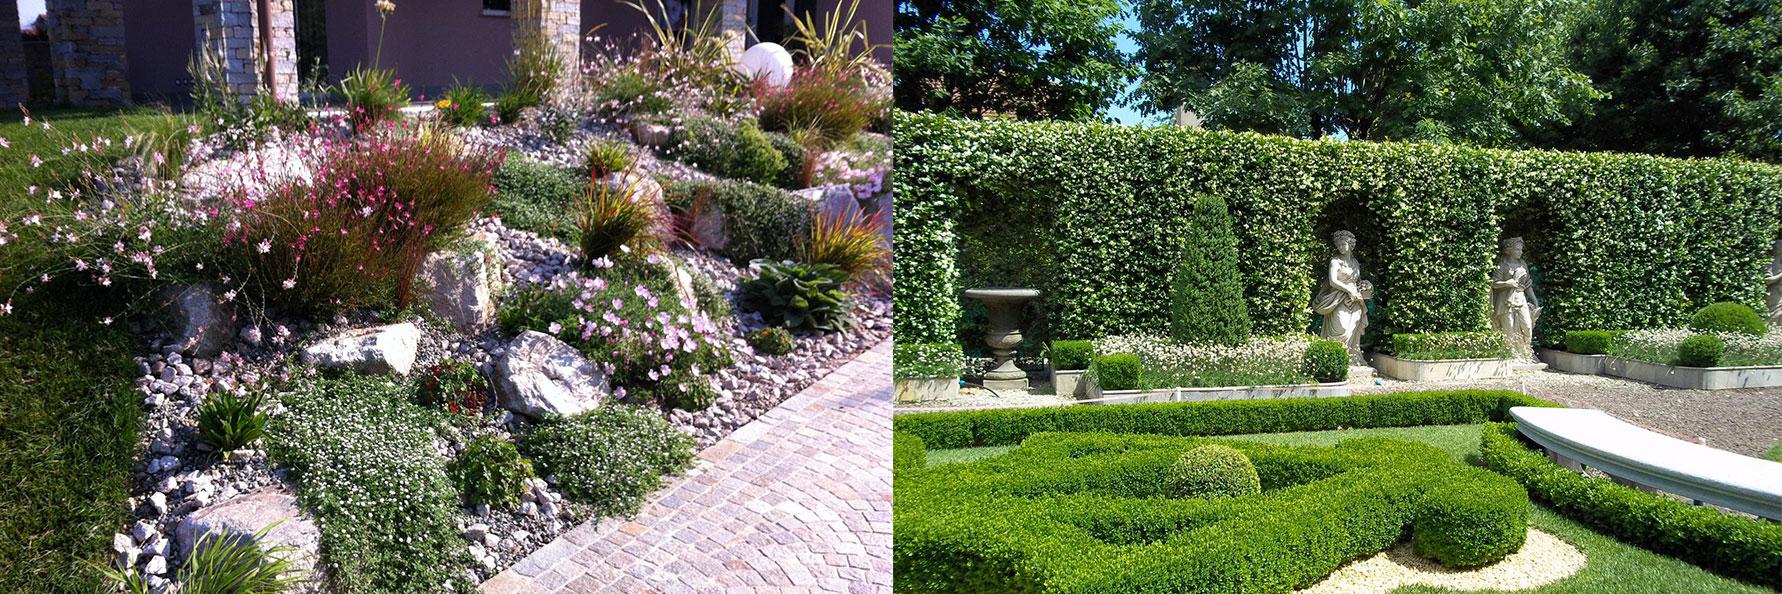 Manutenzione Giardini Milano E Provincia home - dido floricultura - cura e manutenzione del verde